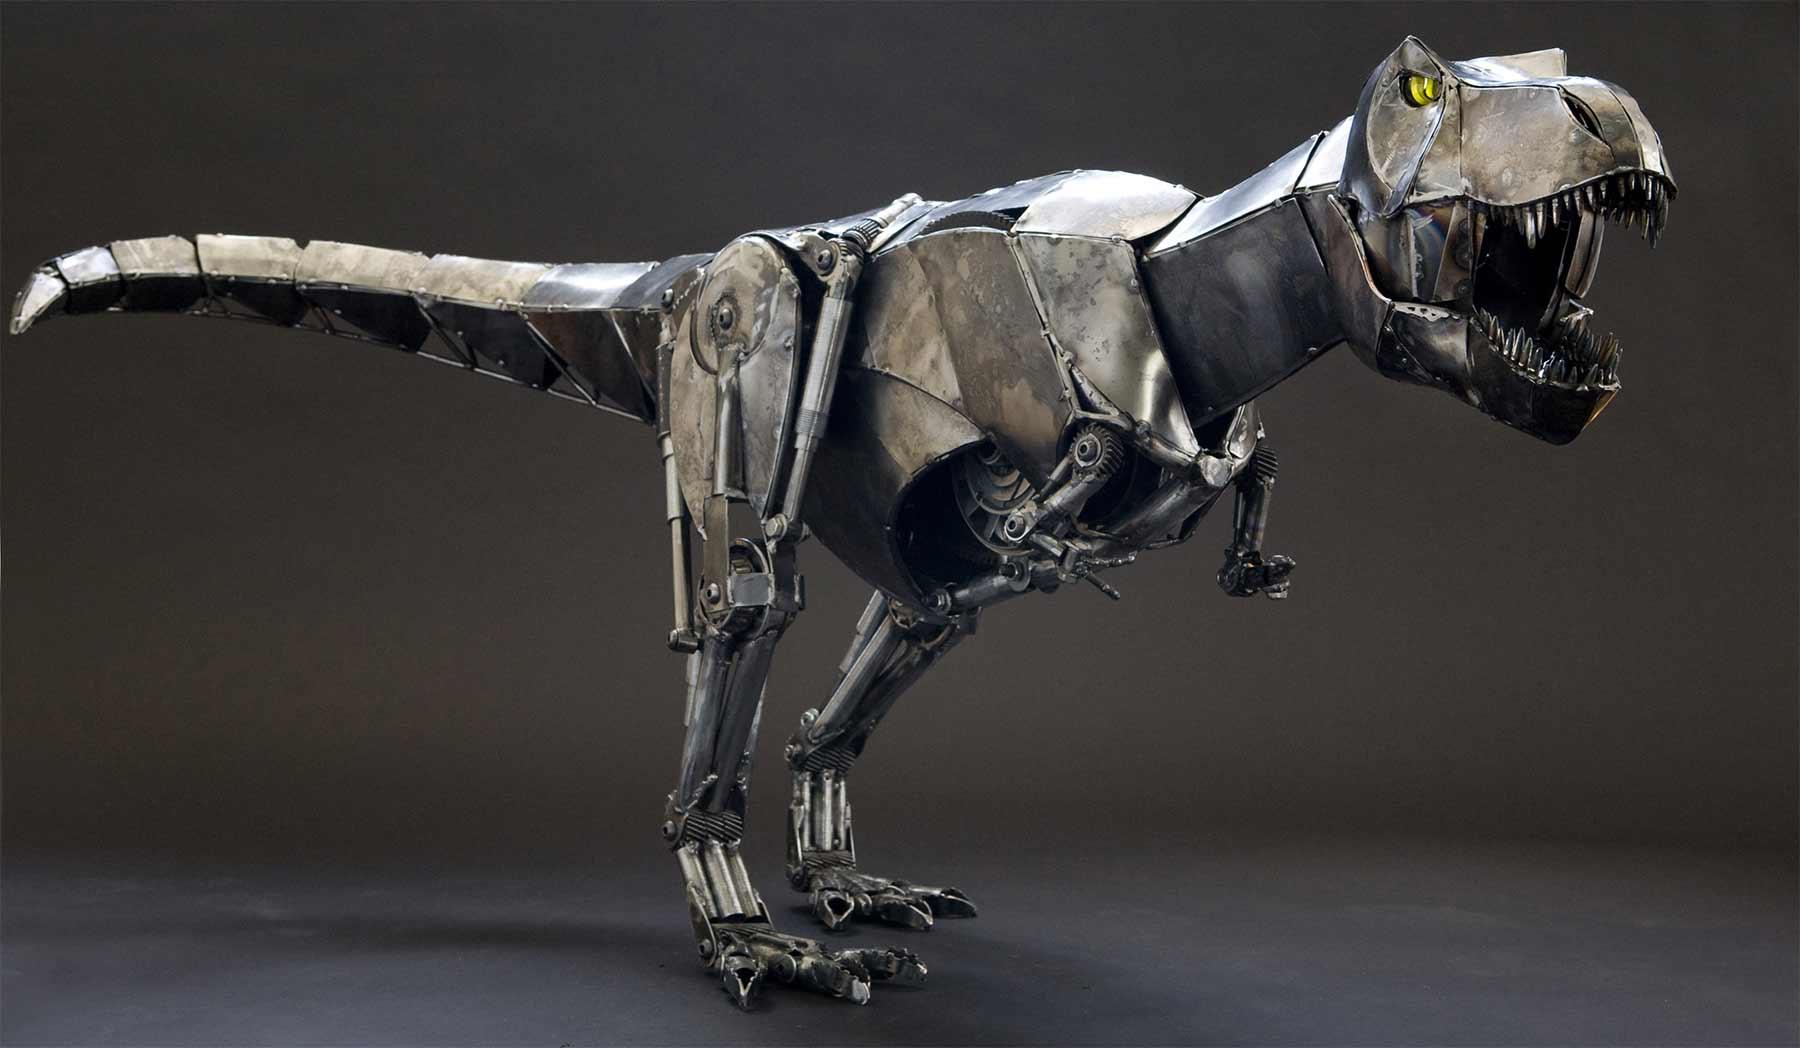 Tierskulpturen aus Metall von Andrew Chase Andrew-Chase-tierskulpturen-metall_02